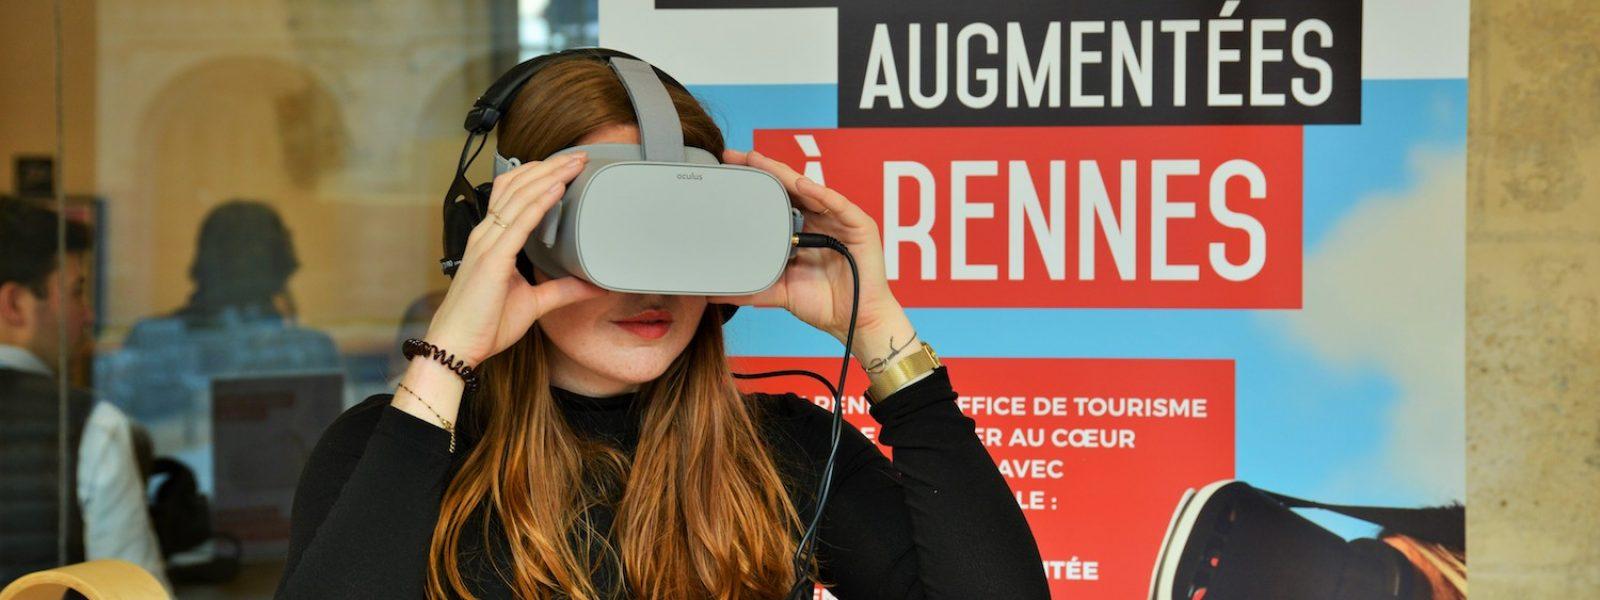 Venez vivre une expérience immersive en réalité virtuelle à Rennes